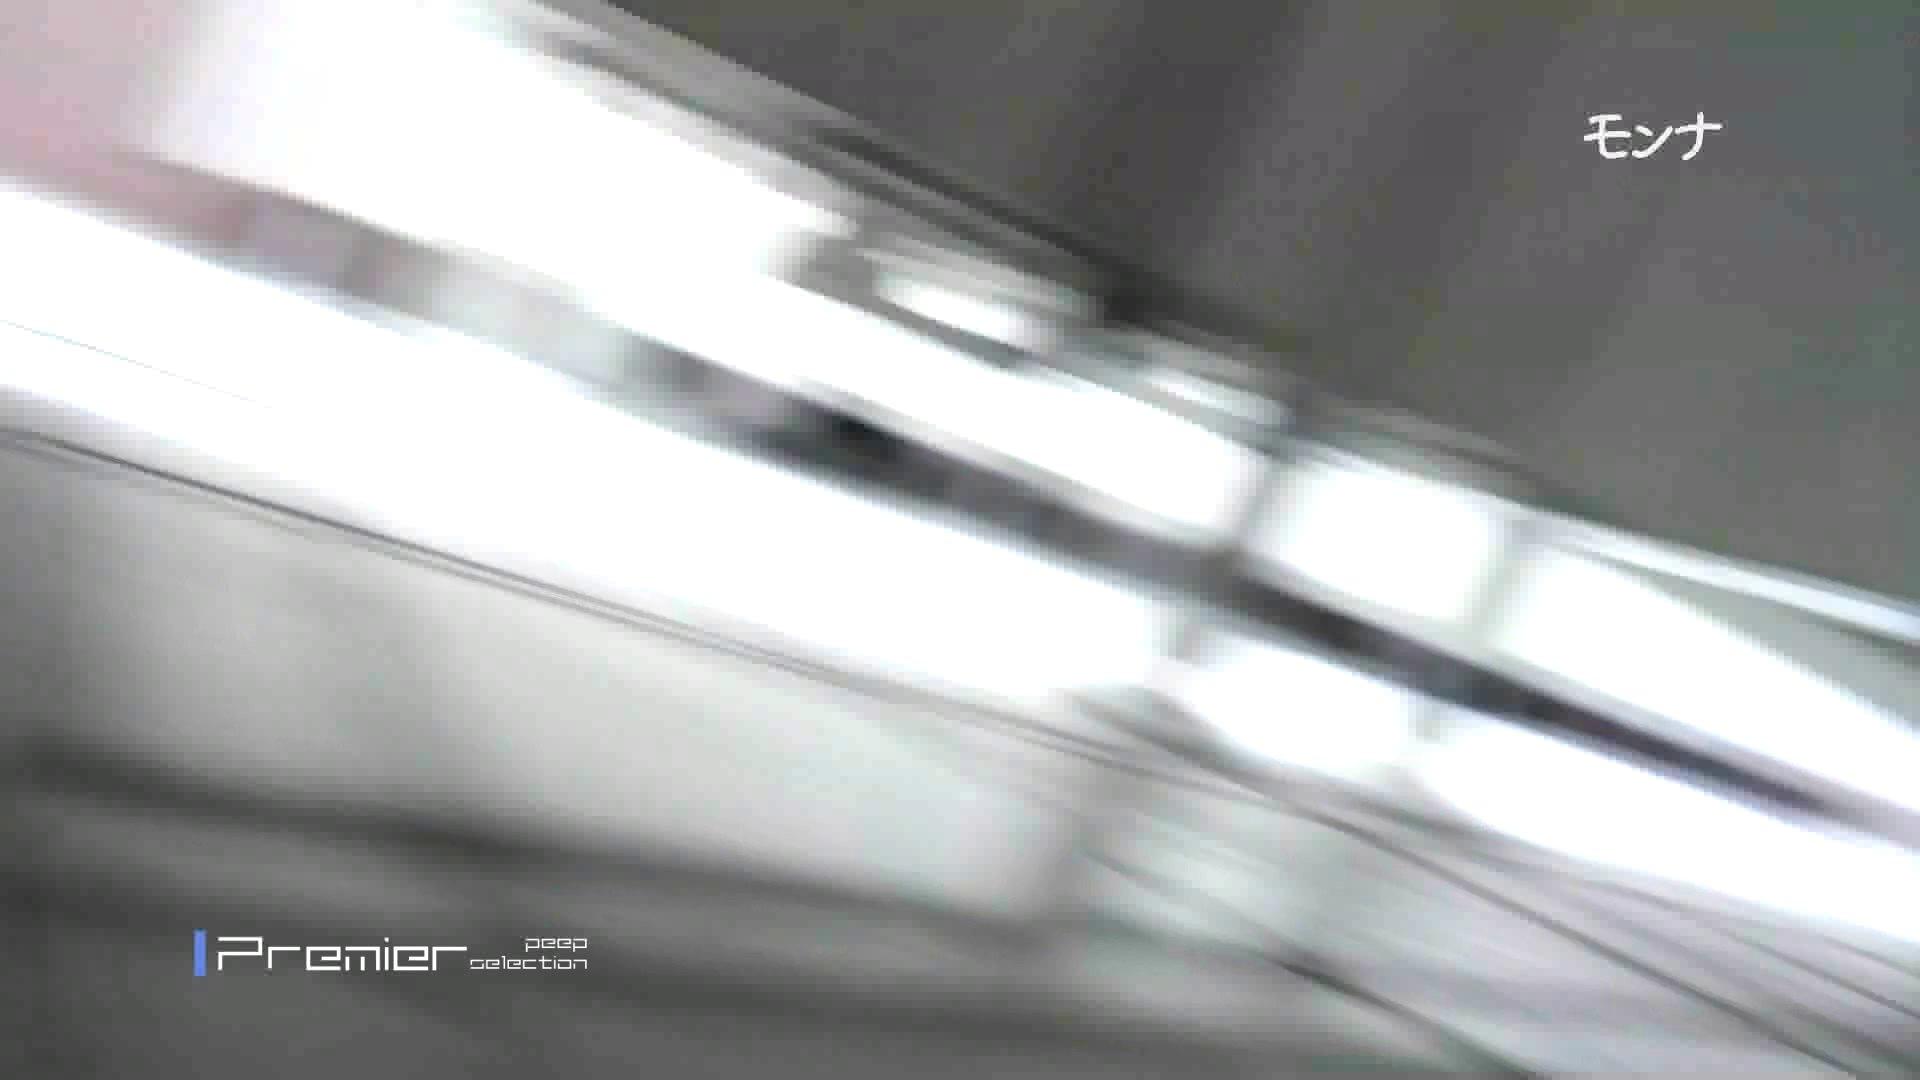 遂に!!戸田恵梨香似の予告モデル登場ダッシュで「大」 高評価 戯れ無修正画像 84枚 8